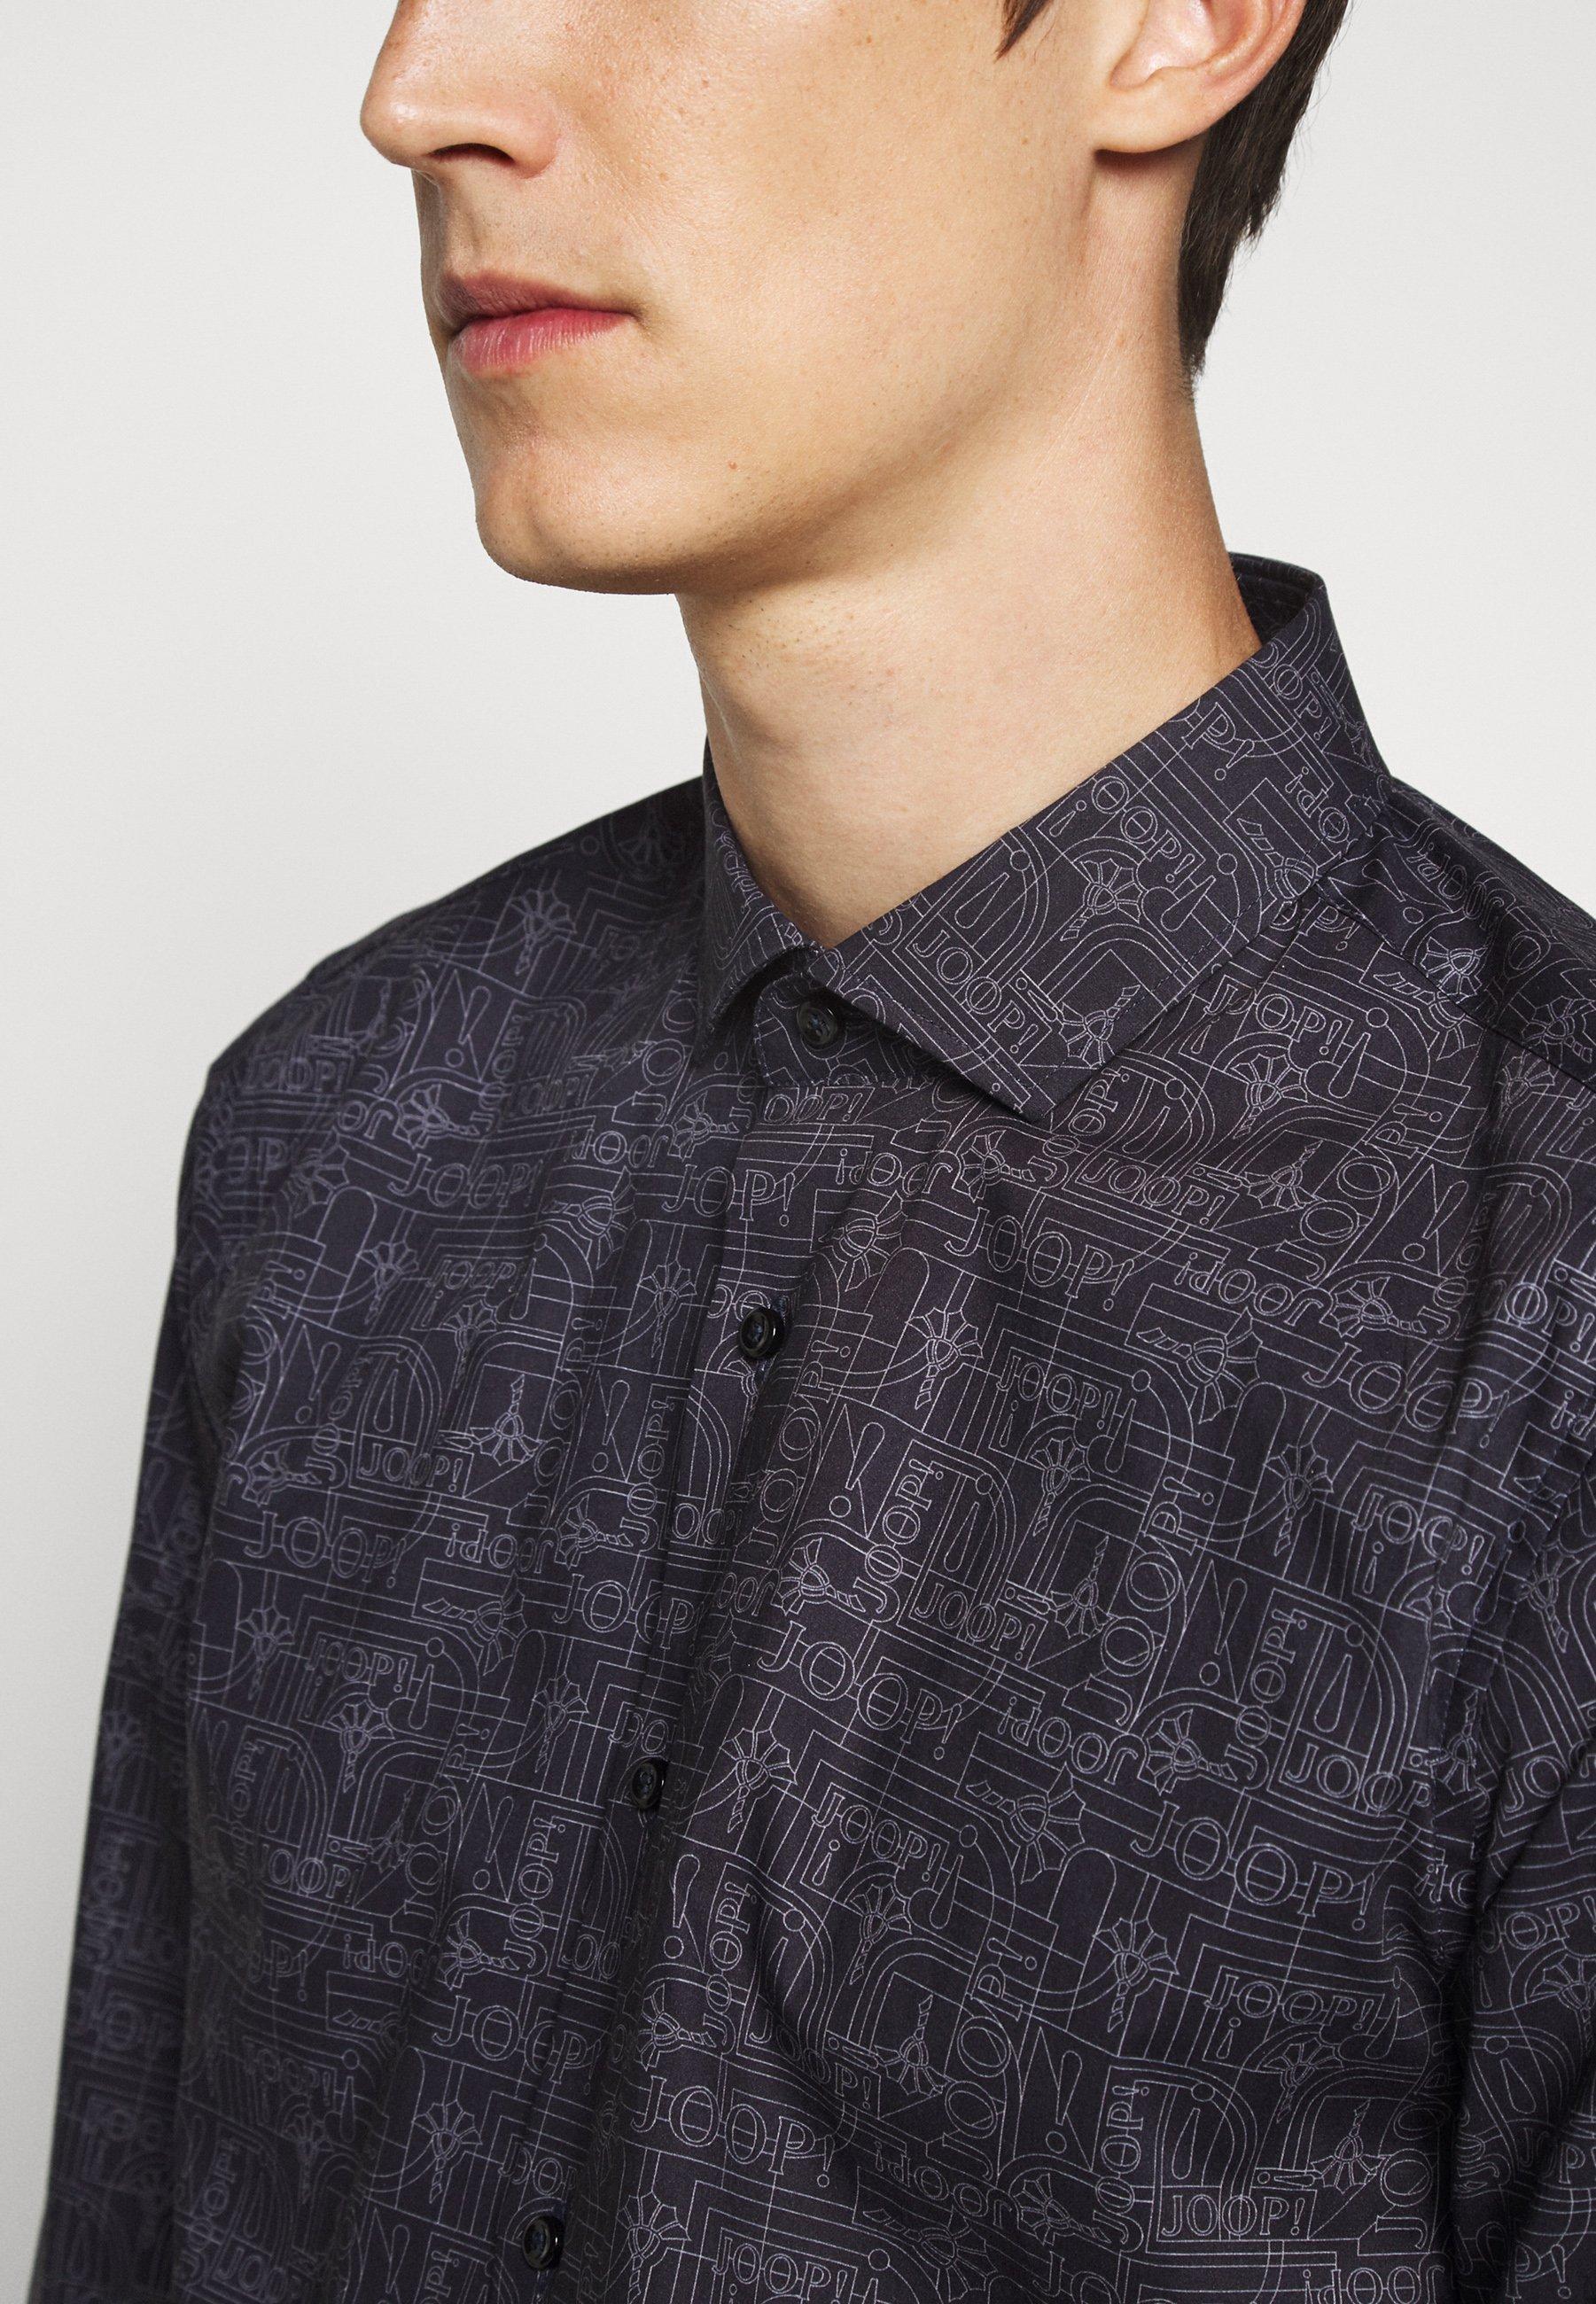 JOOP! Camicia - dark blue - Abbigliamento da uomo Cercando